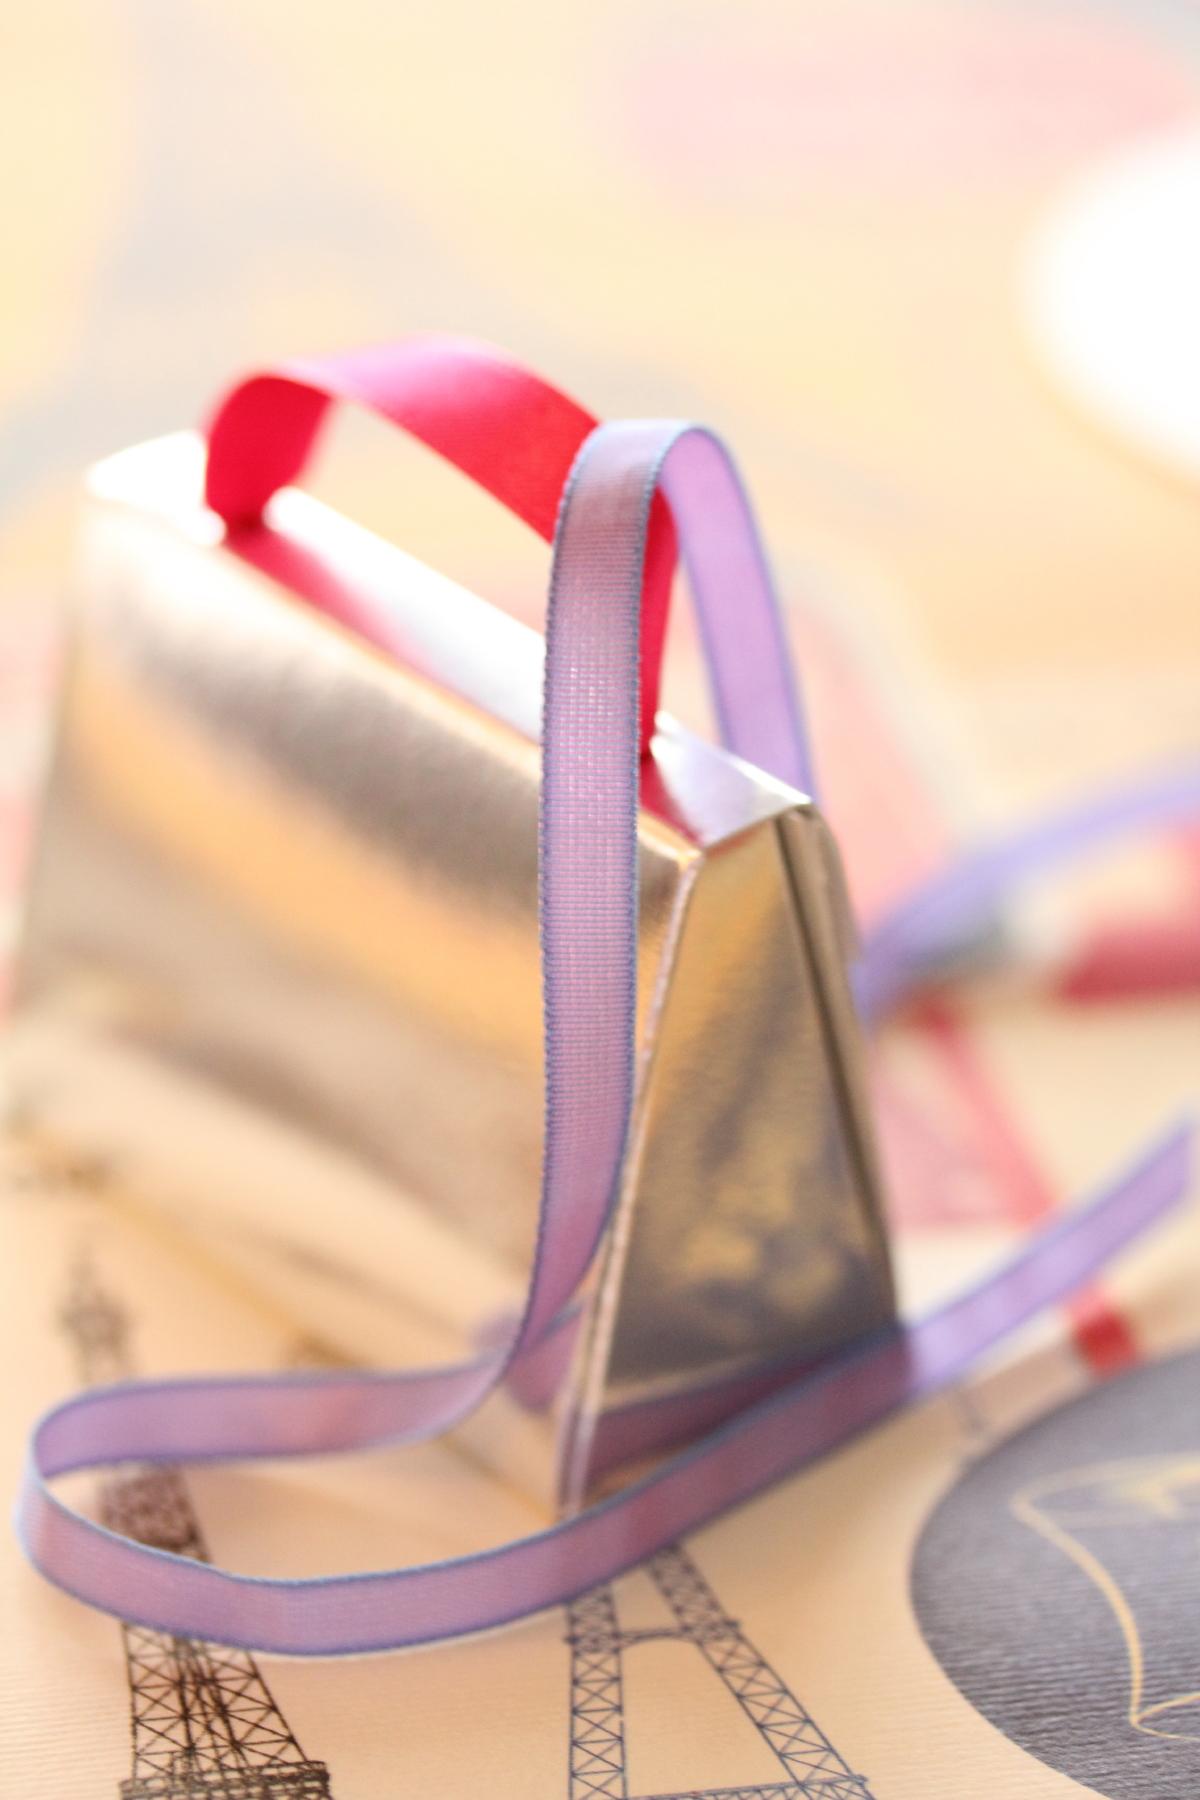 フランス製スペシャルリボン・ラベンダーColorテープ 6ミリ幅